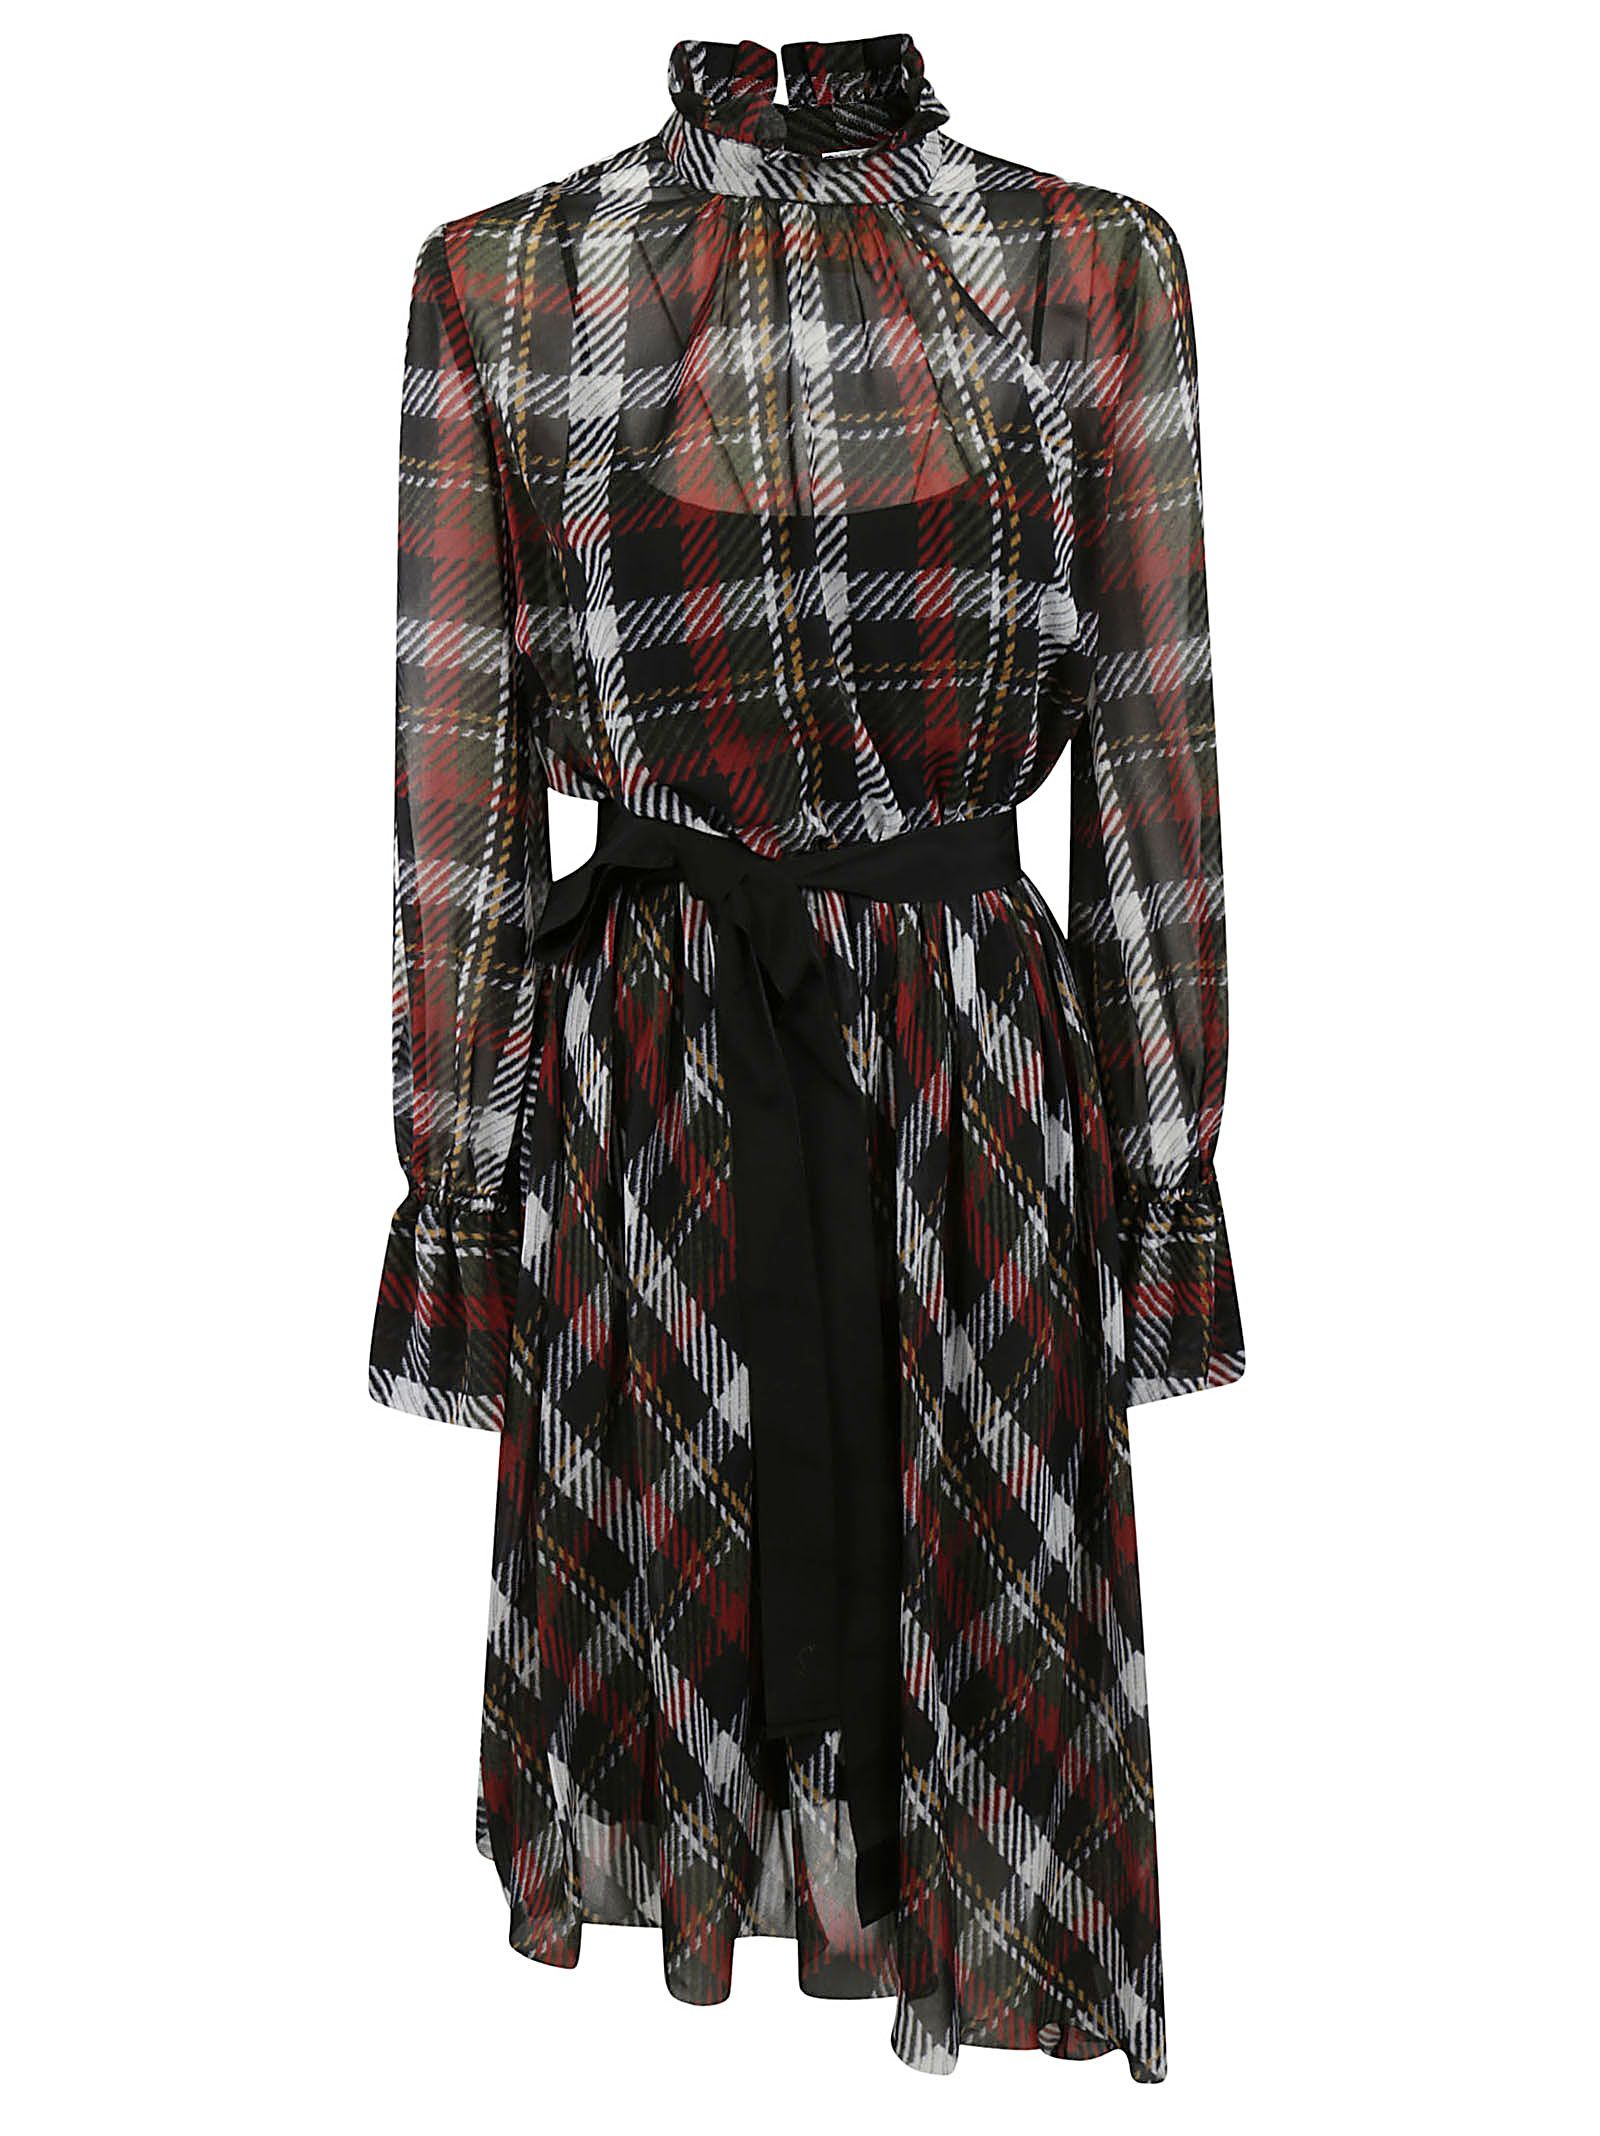 Blugirl CHECK DRESS